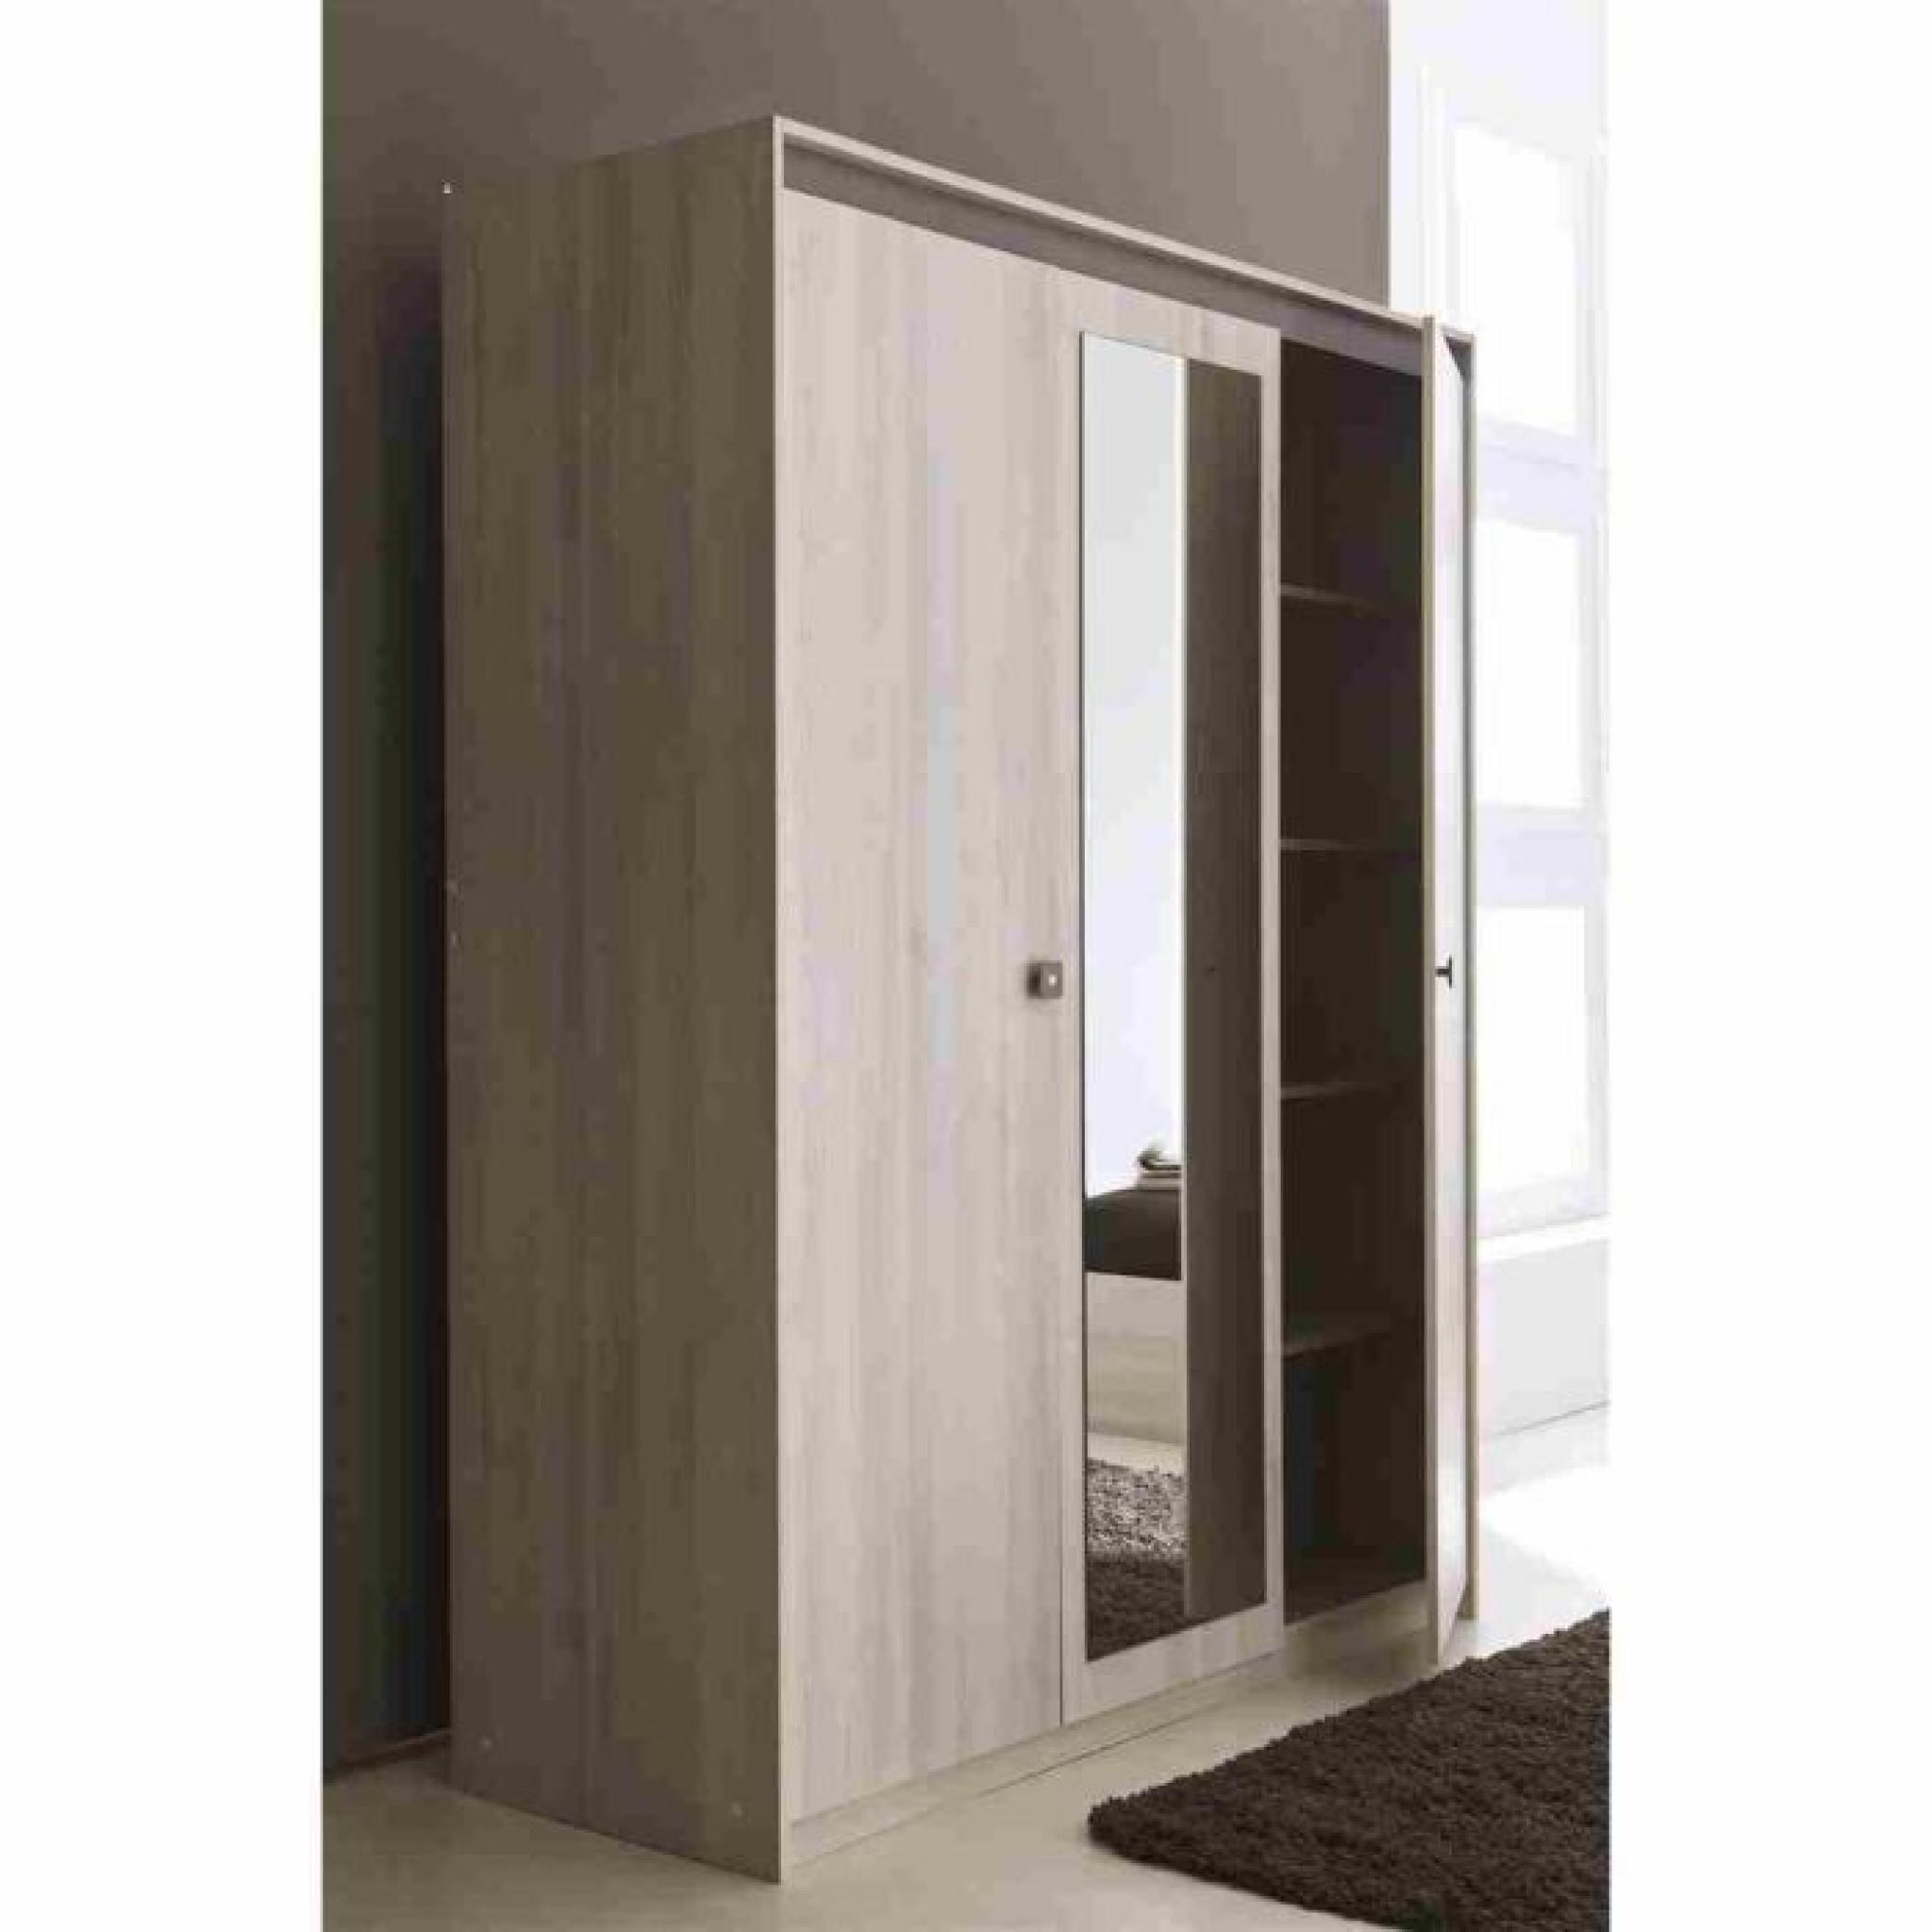 francesca armoire 3 portes miroir achat vente armoire de chambre pas cher couleur et. Black Bedroom Furniture Sets. Home Design Ideas